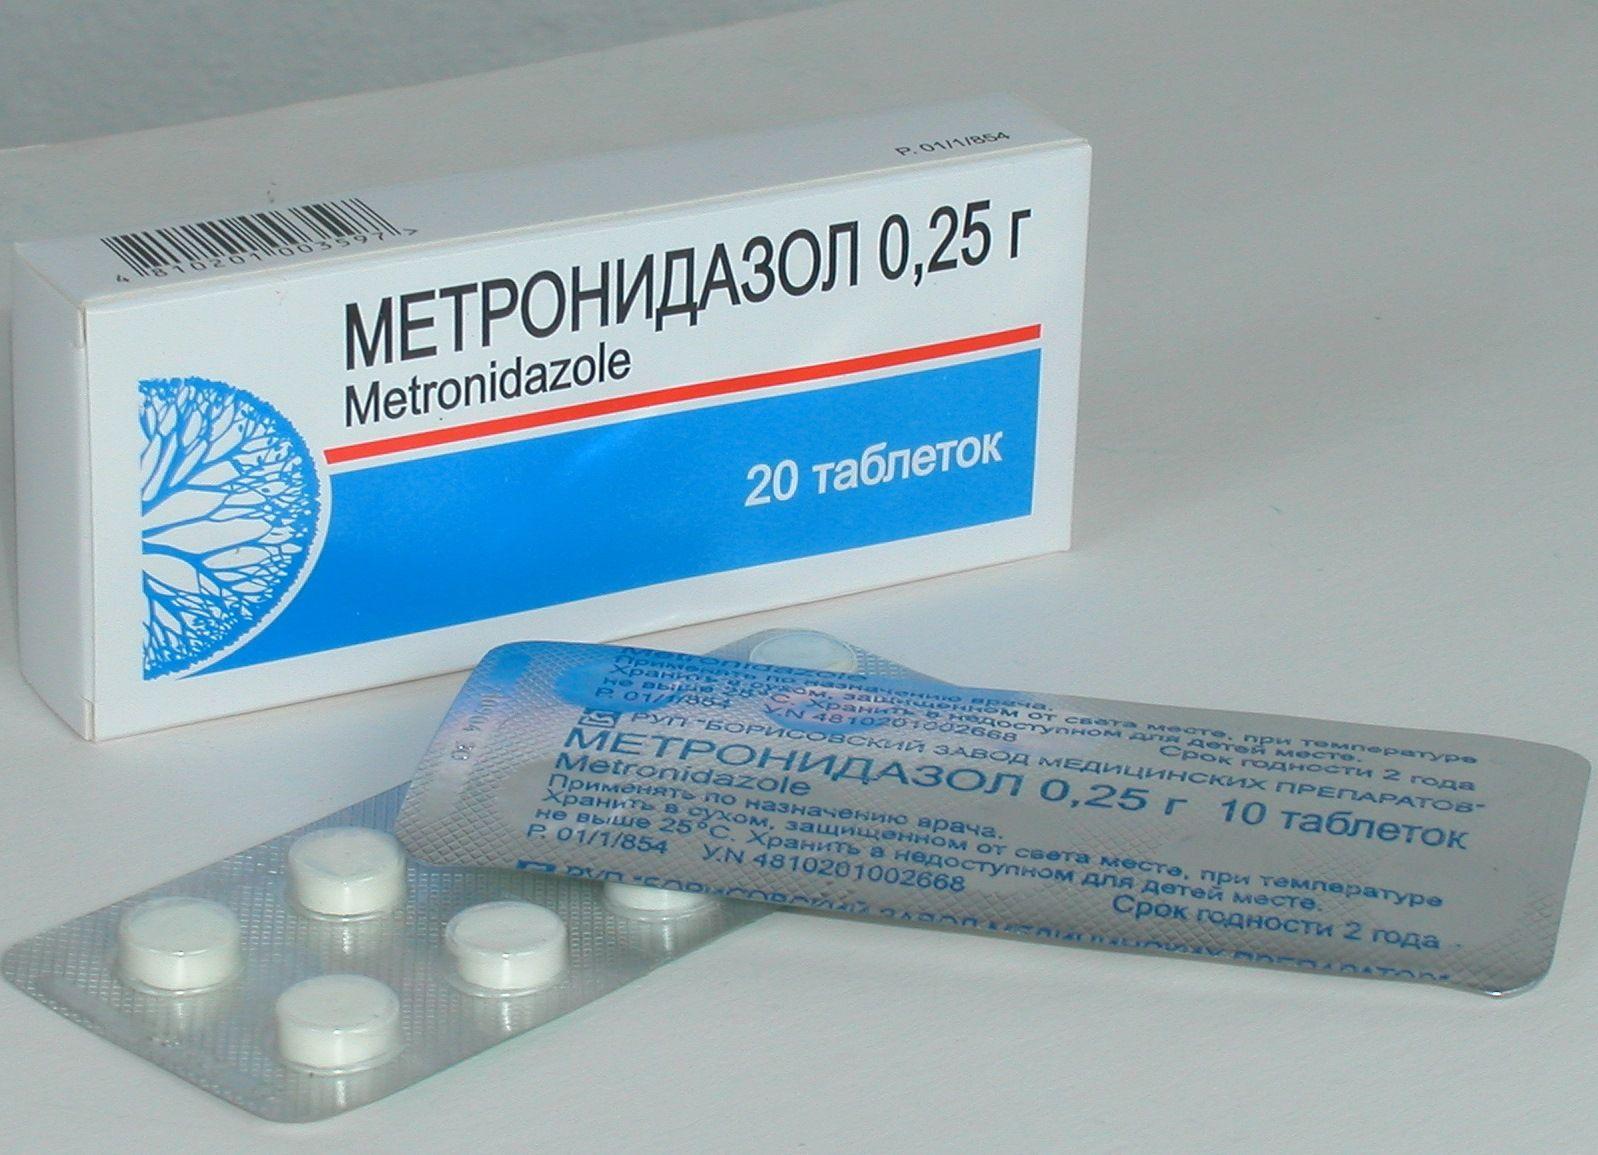 Метронидазол в гинекологии: эффективность в лечении «женских» болезней и инструкция по применению